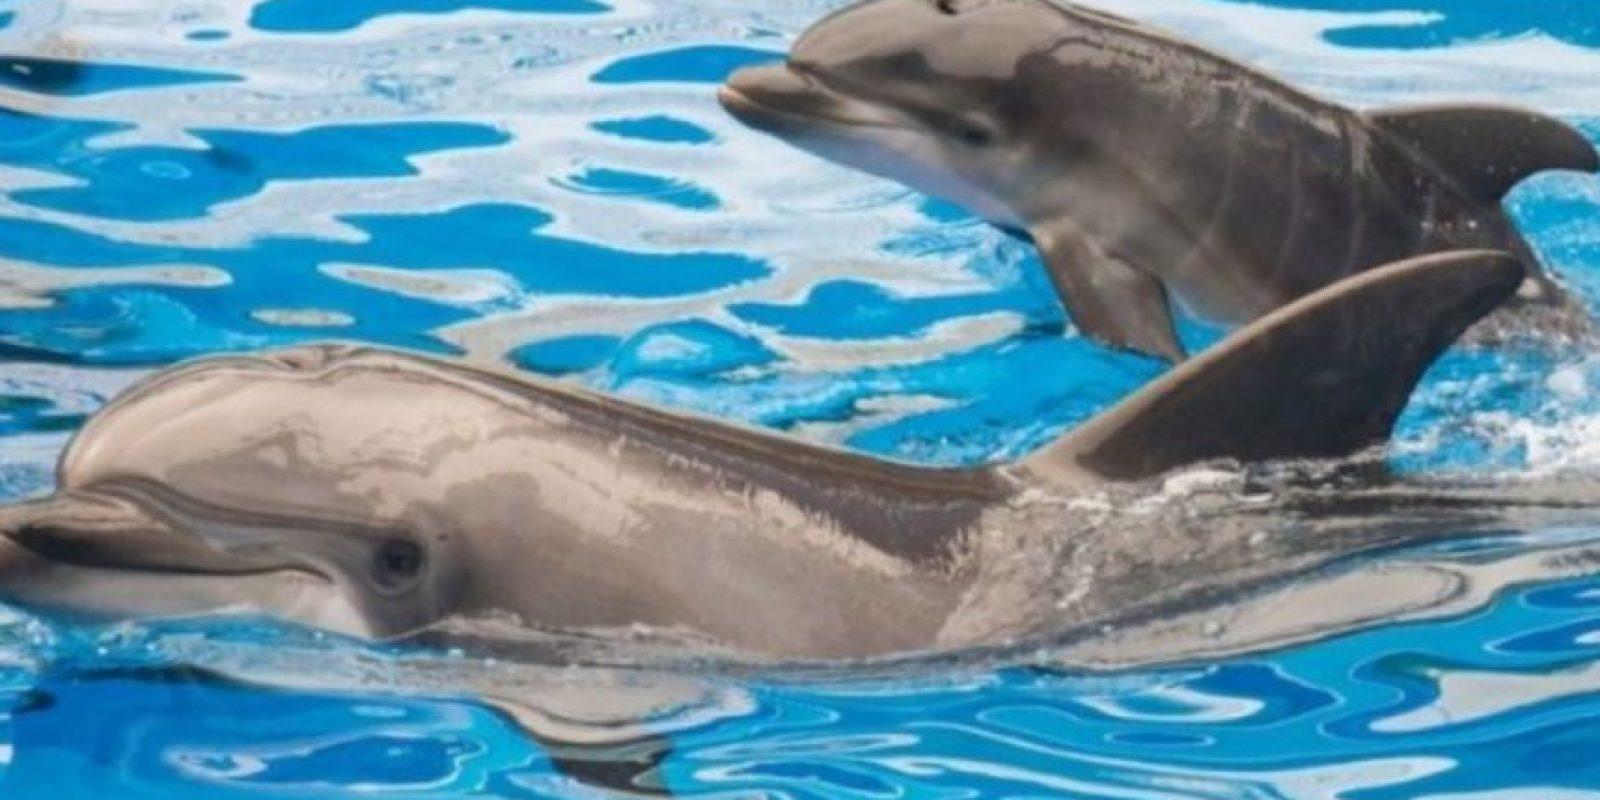 Este delfín llevaba un dispositivo que le permitía disparar flechas que podrían herir a un humano. Foto:Getty Images